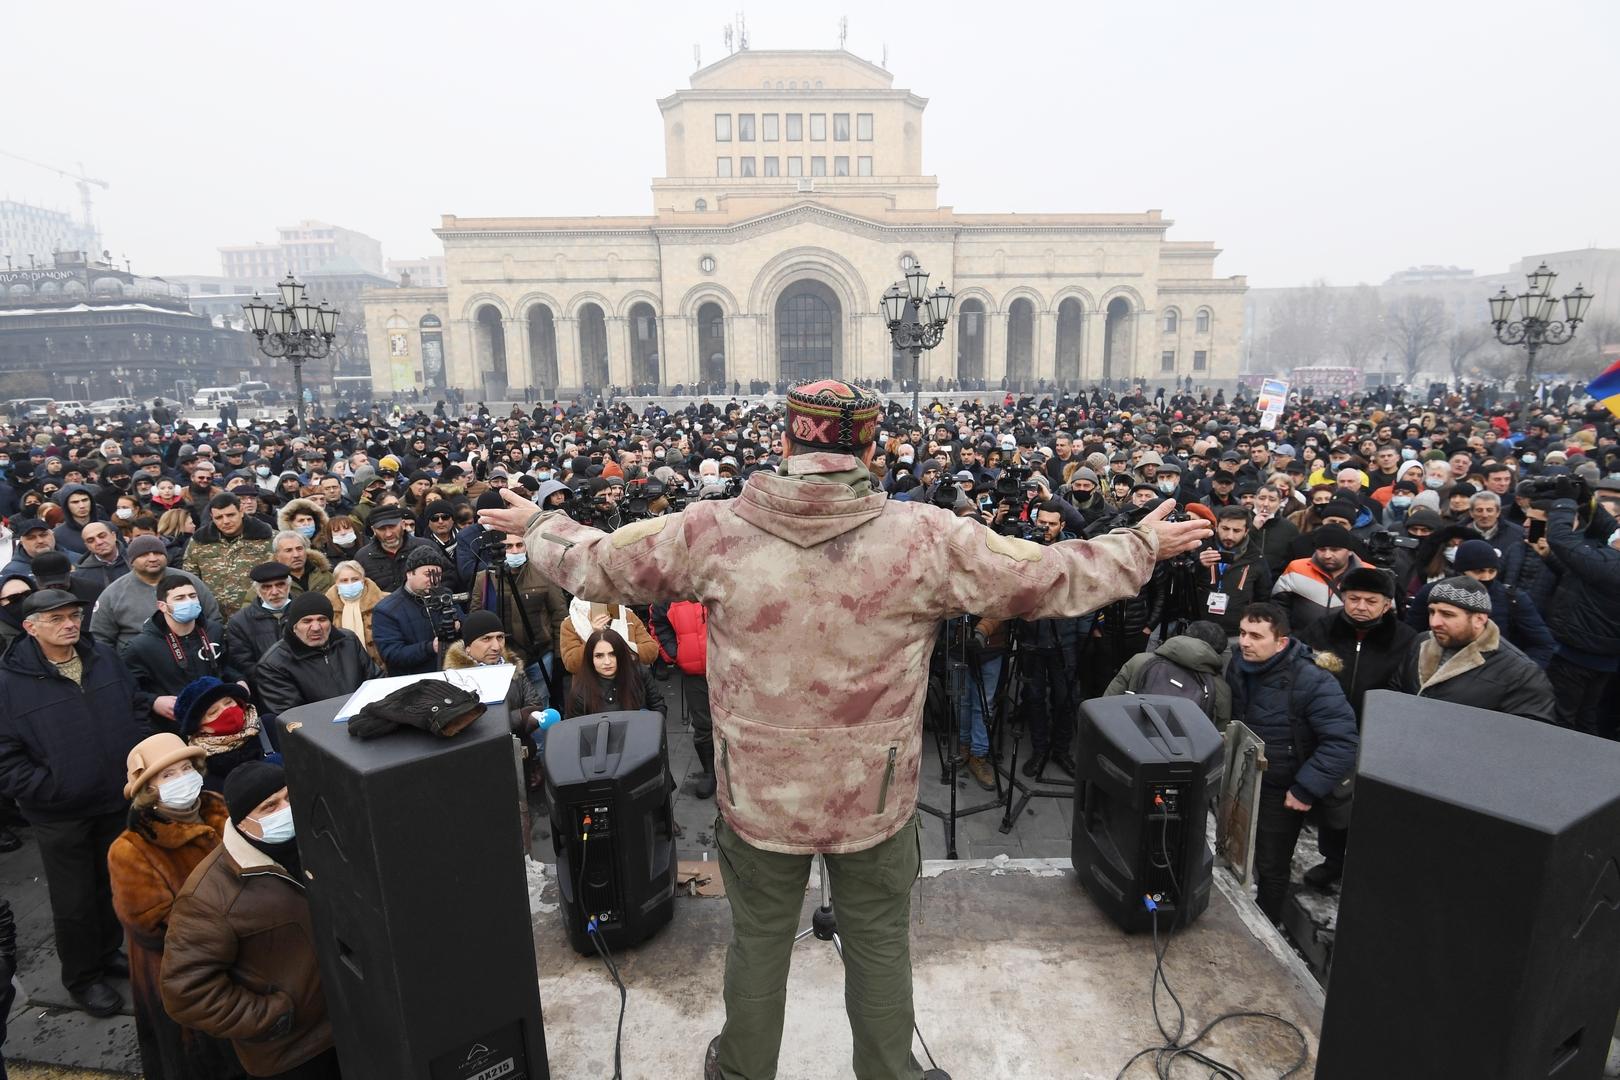 الجيش الأرمني يطالب باستقالة حكومة باشينيان